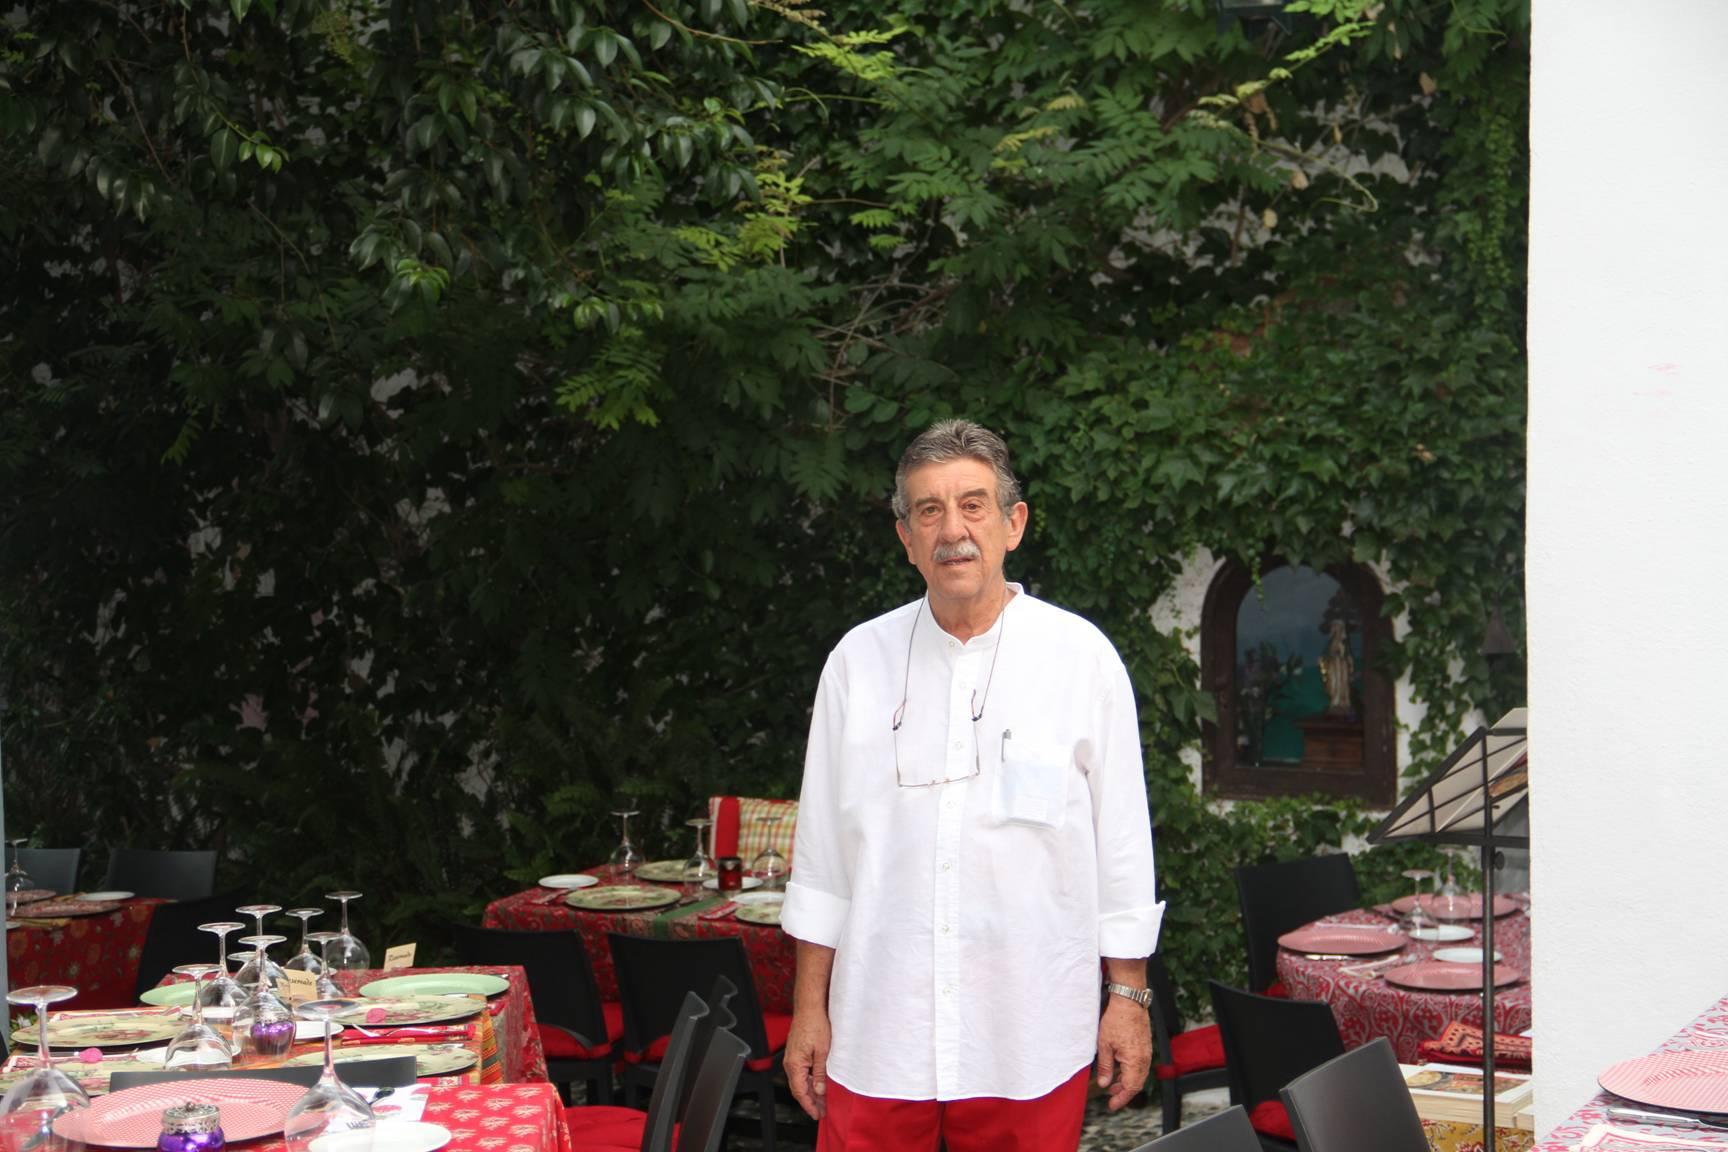 Para amantes de los (buenos) fogones: Restaurante La Tienda (Marbella)